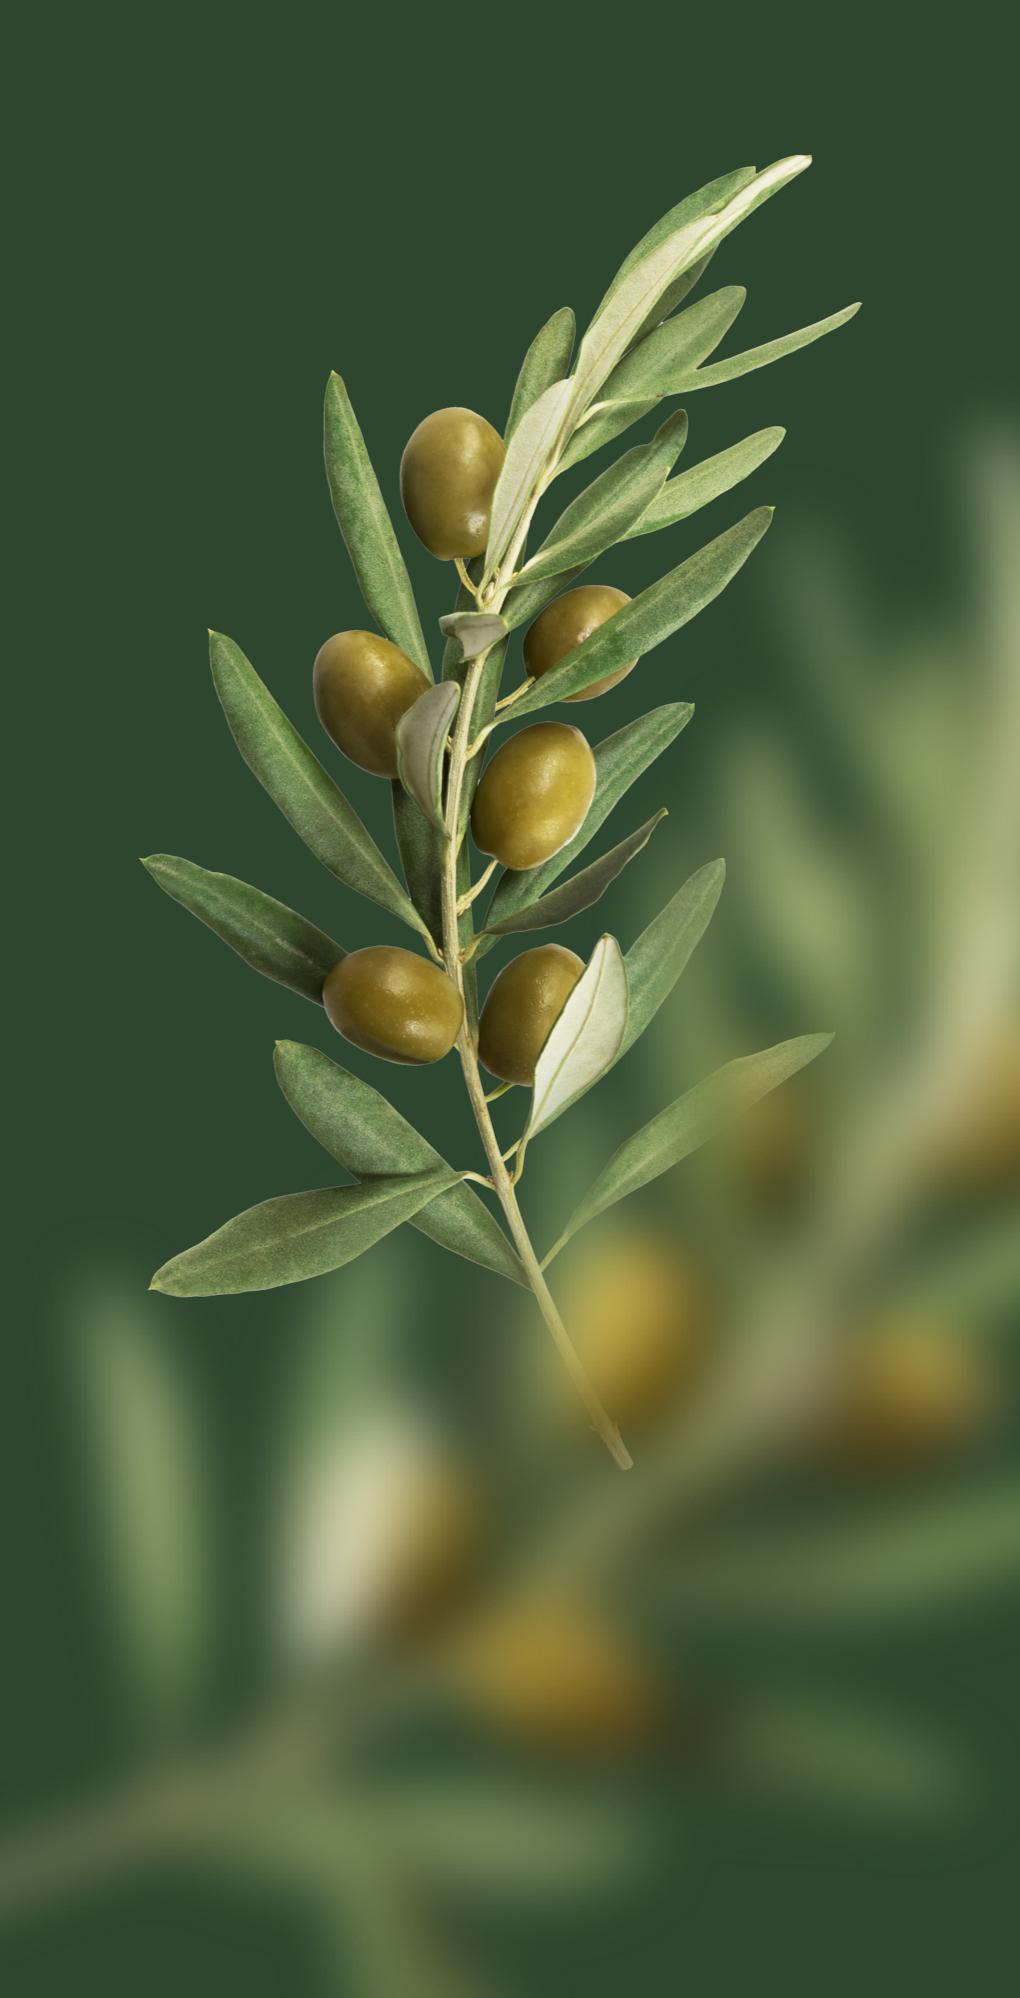 Olive harvest in Sicily